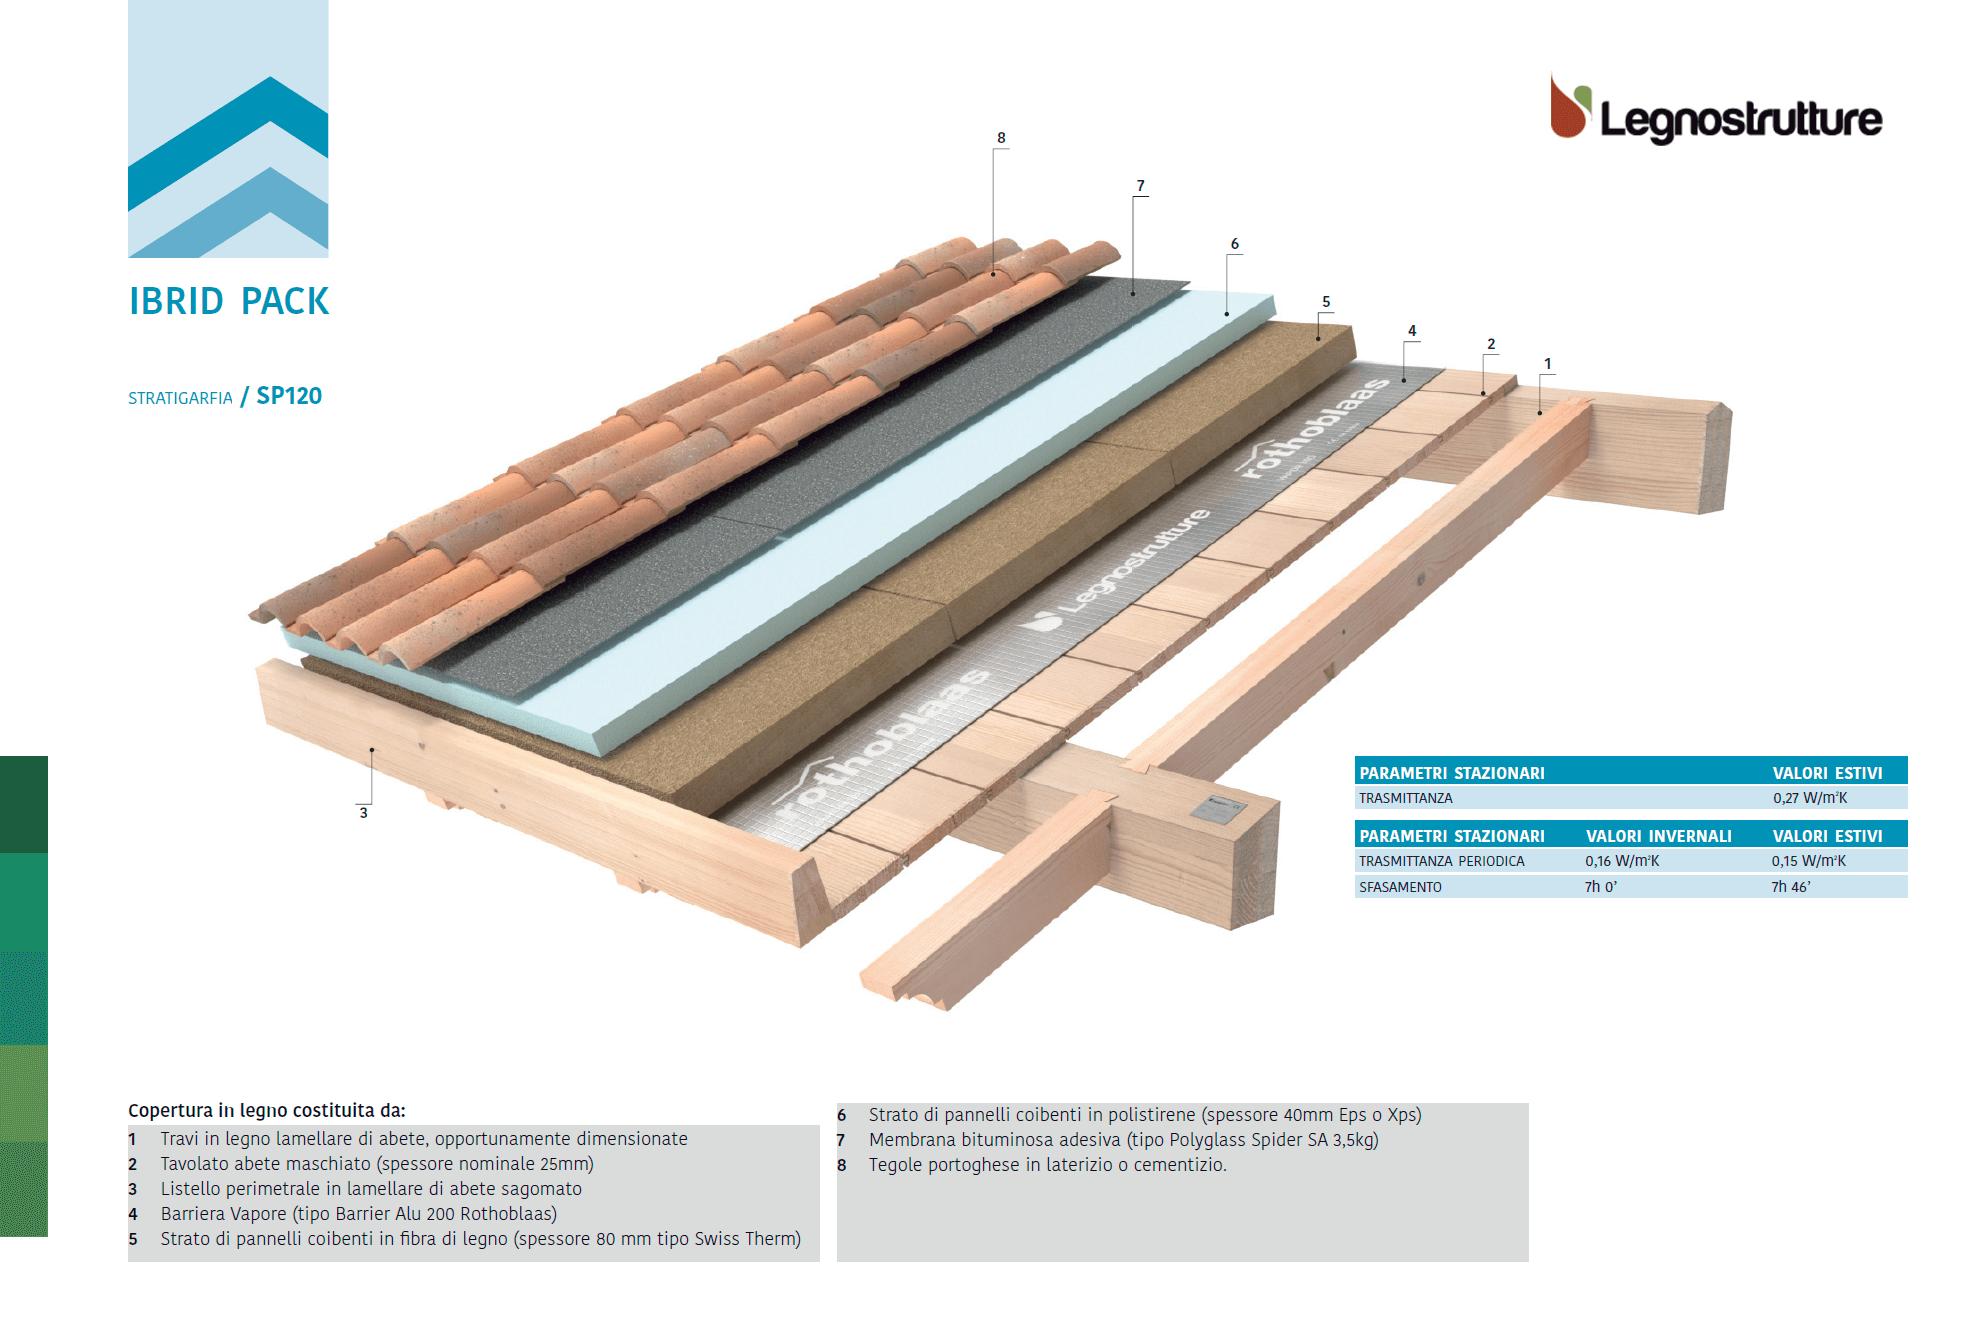 Stratigrafia tetto in legno Ibrid Pack